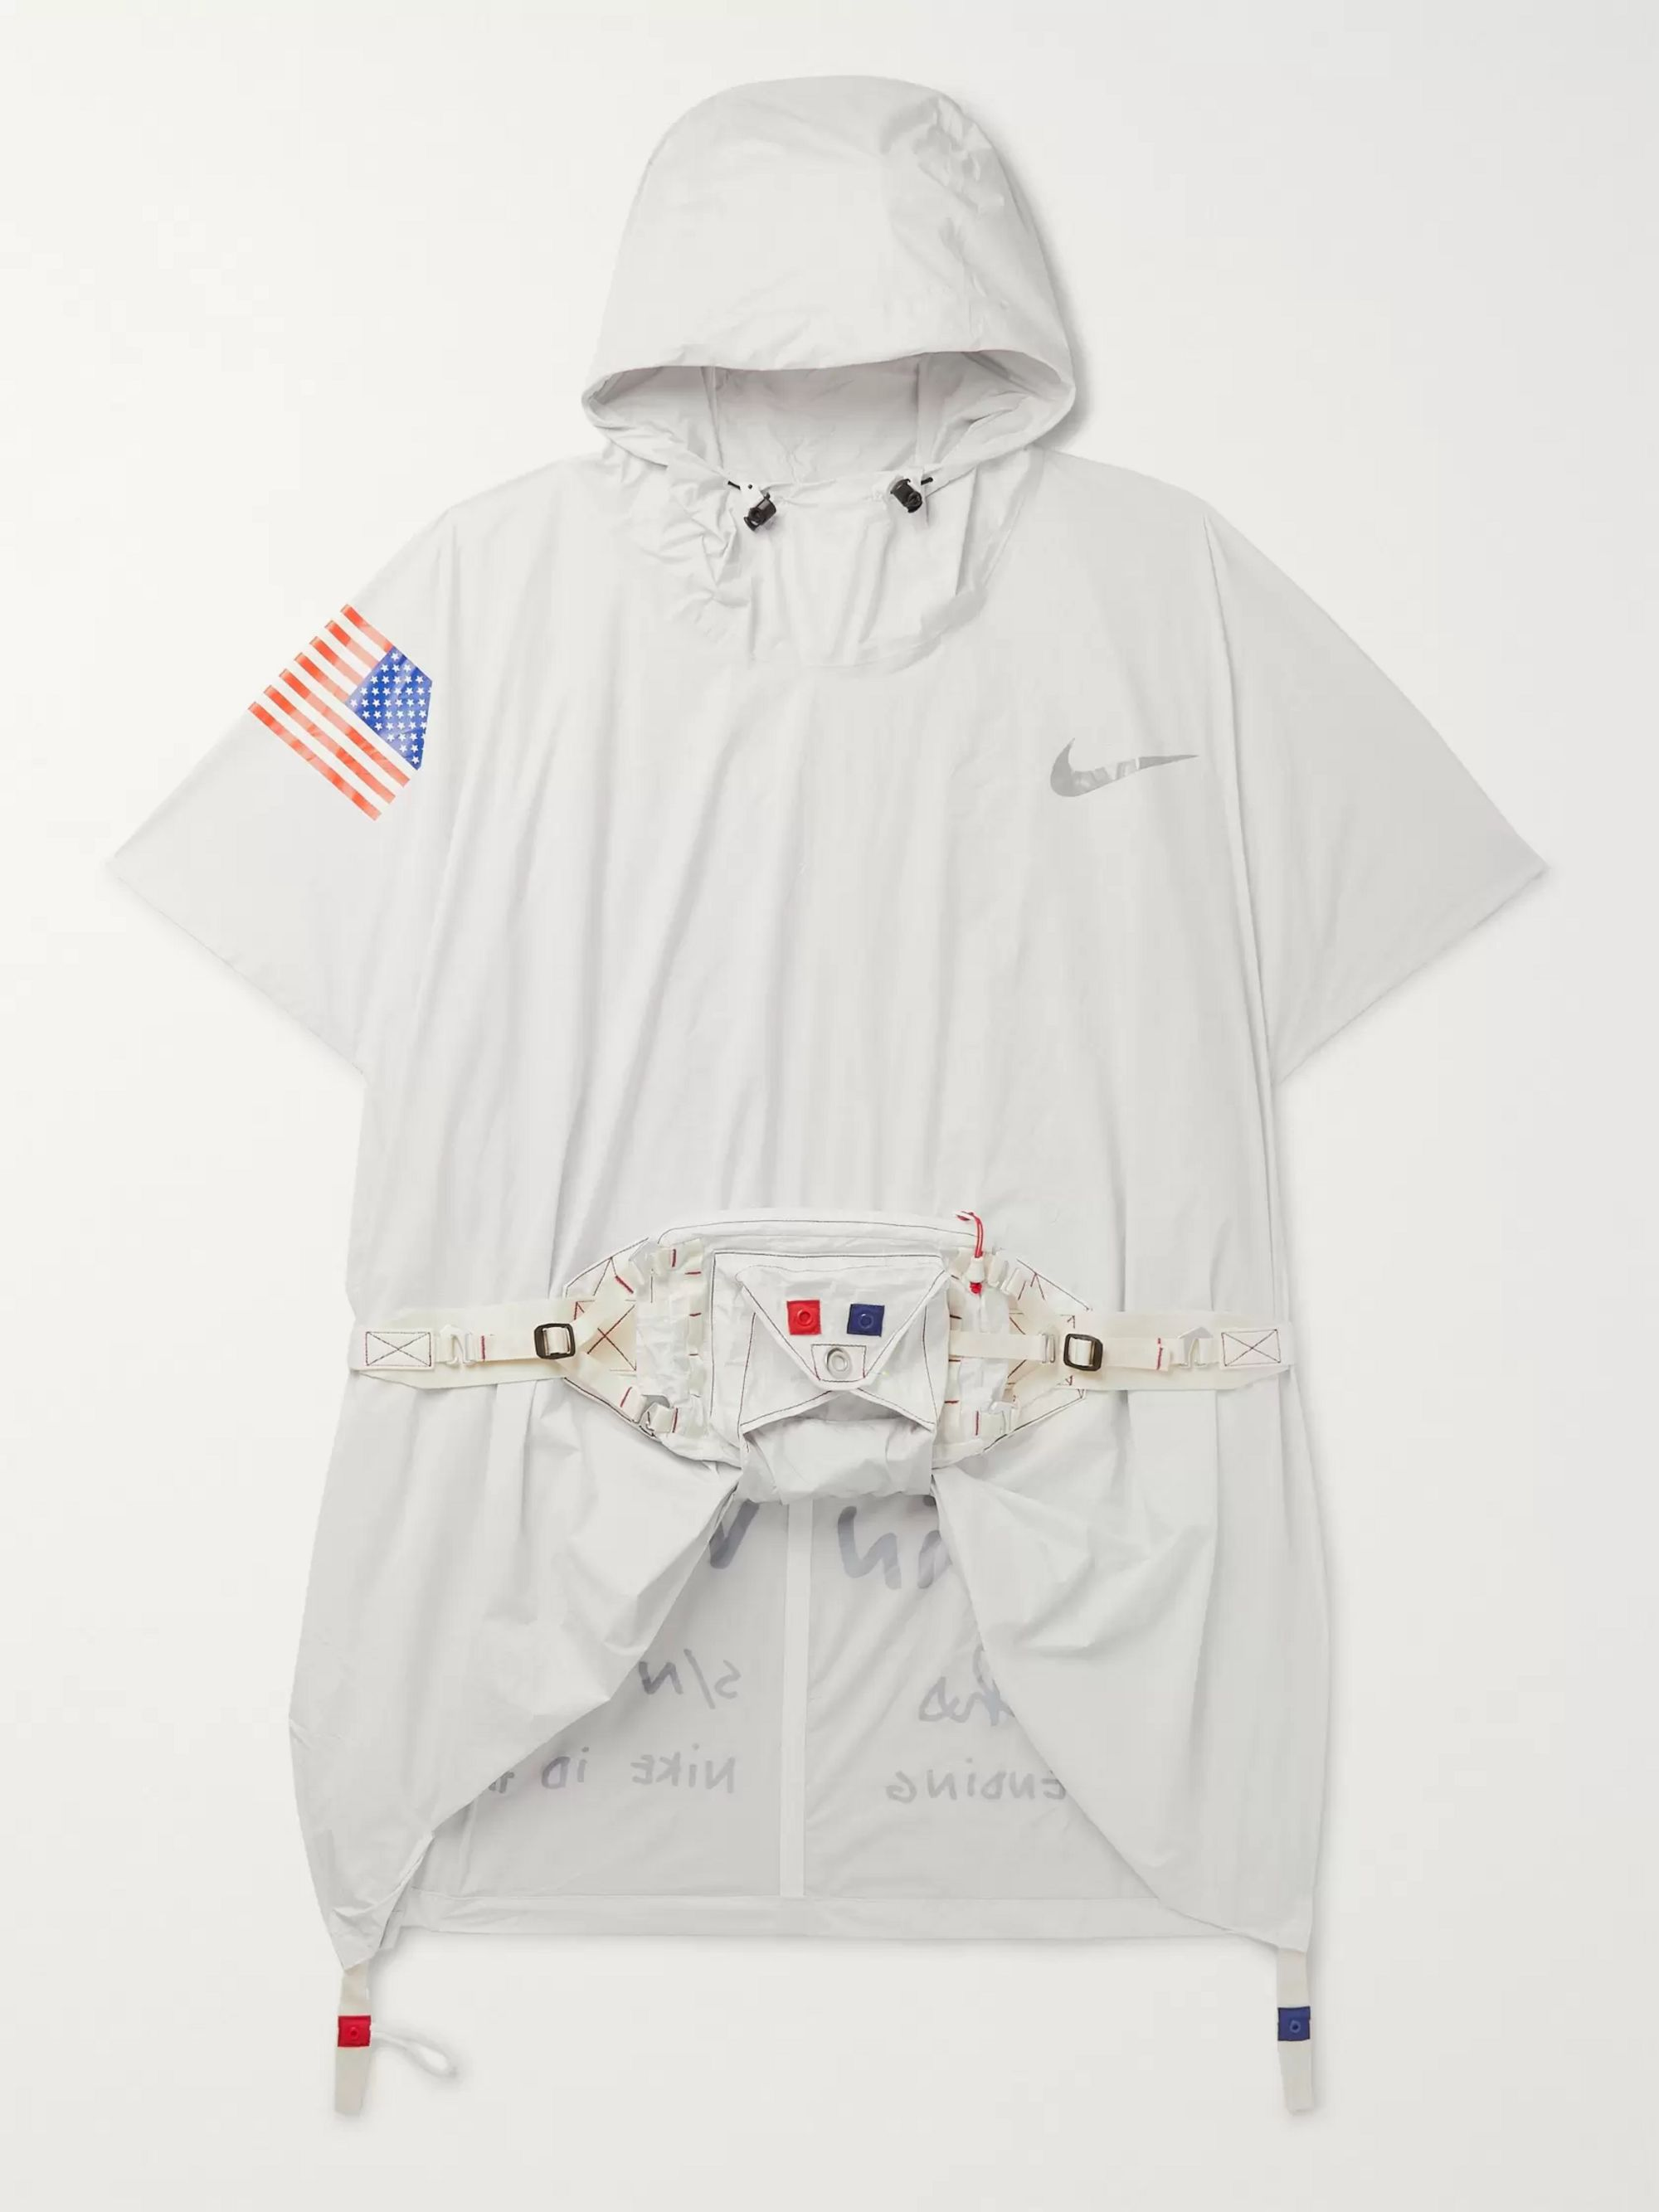 apariencia elegante los Angeles varios diseños White + Tom Sachs NRG Printed Nylon Hooded Poncho   Nike   MR PORTER